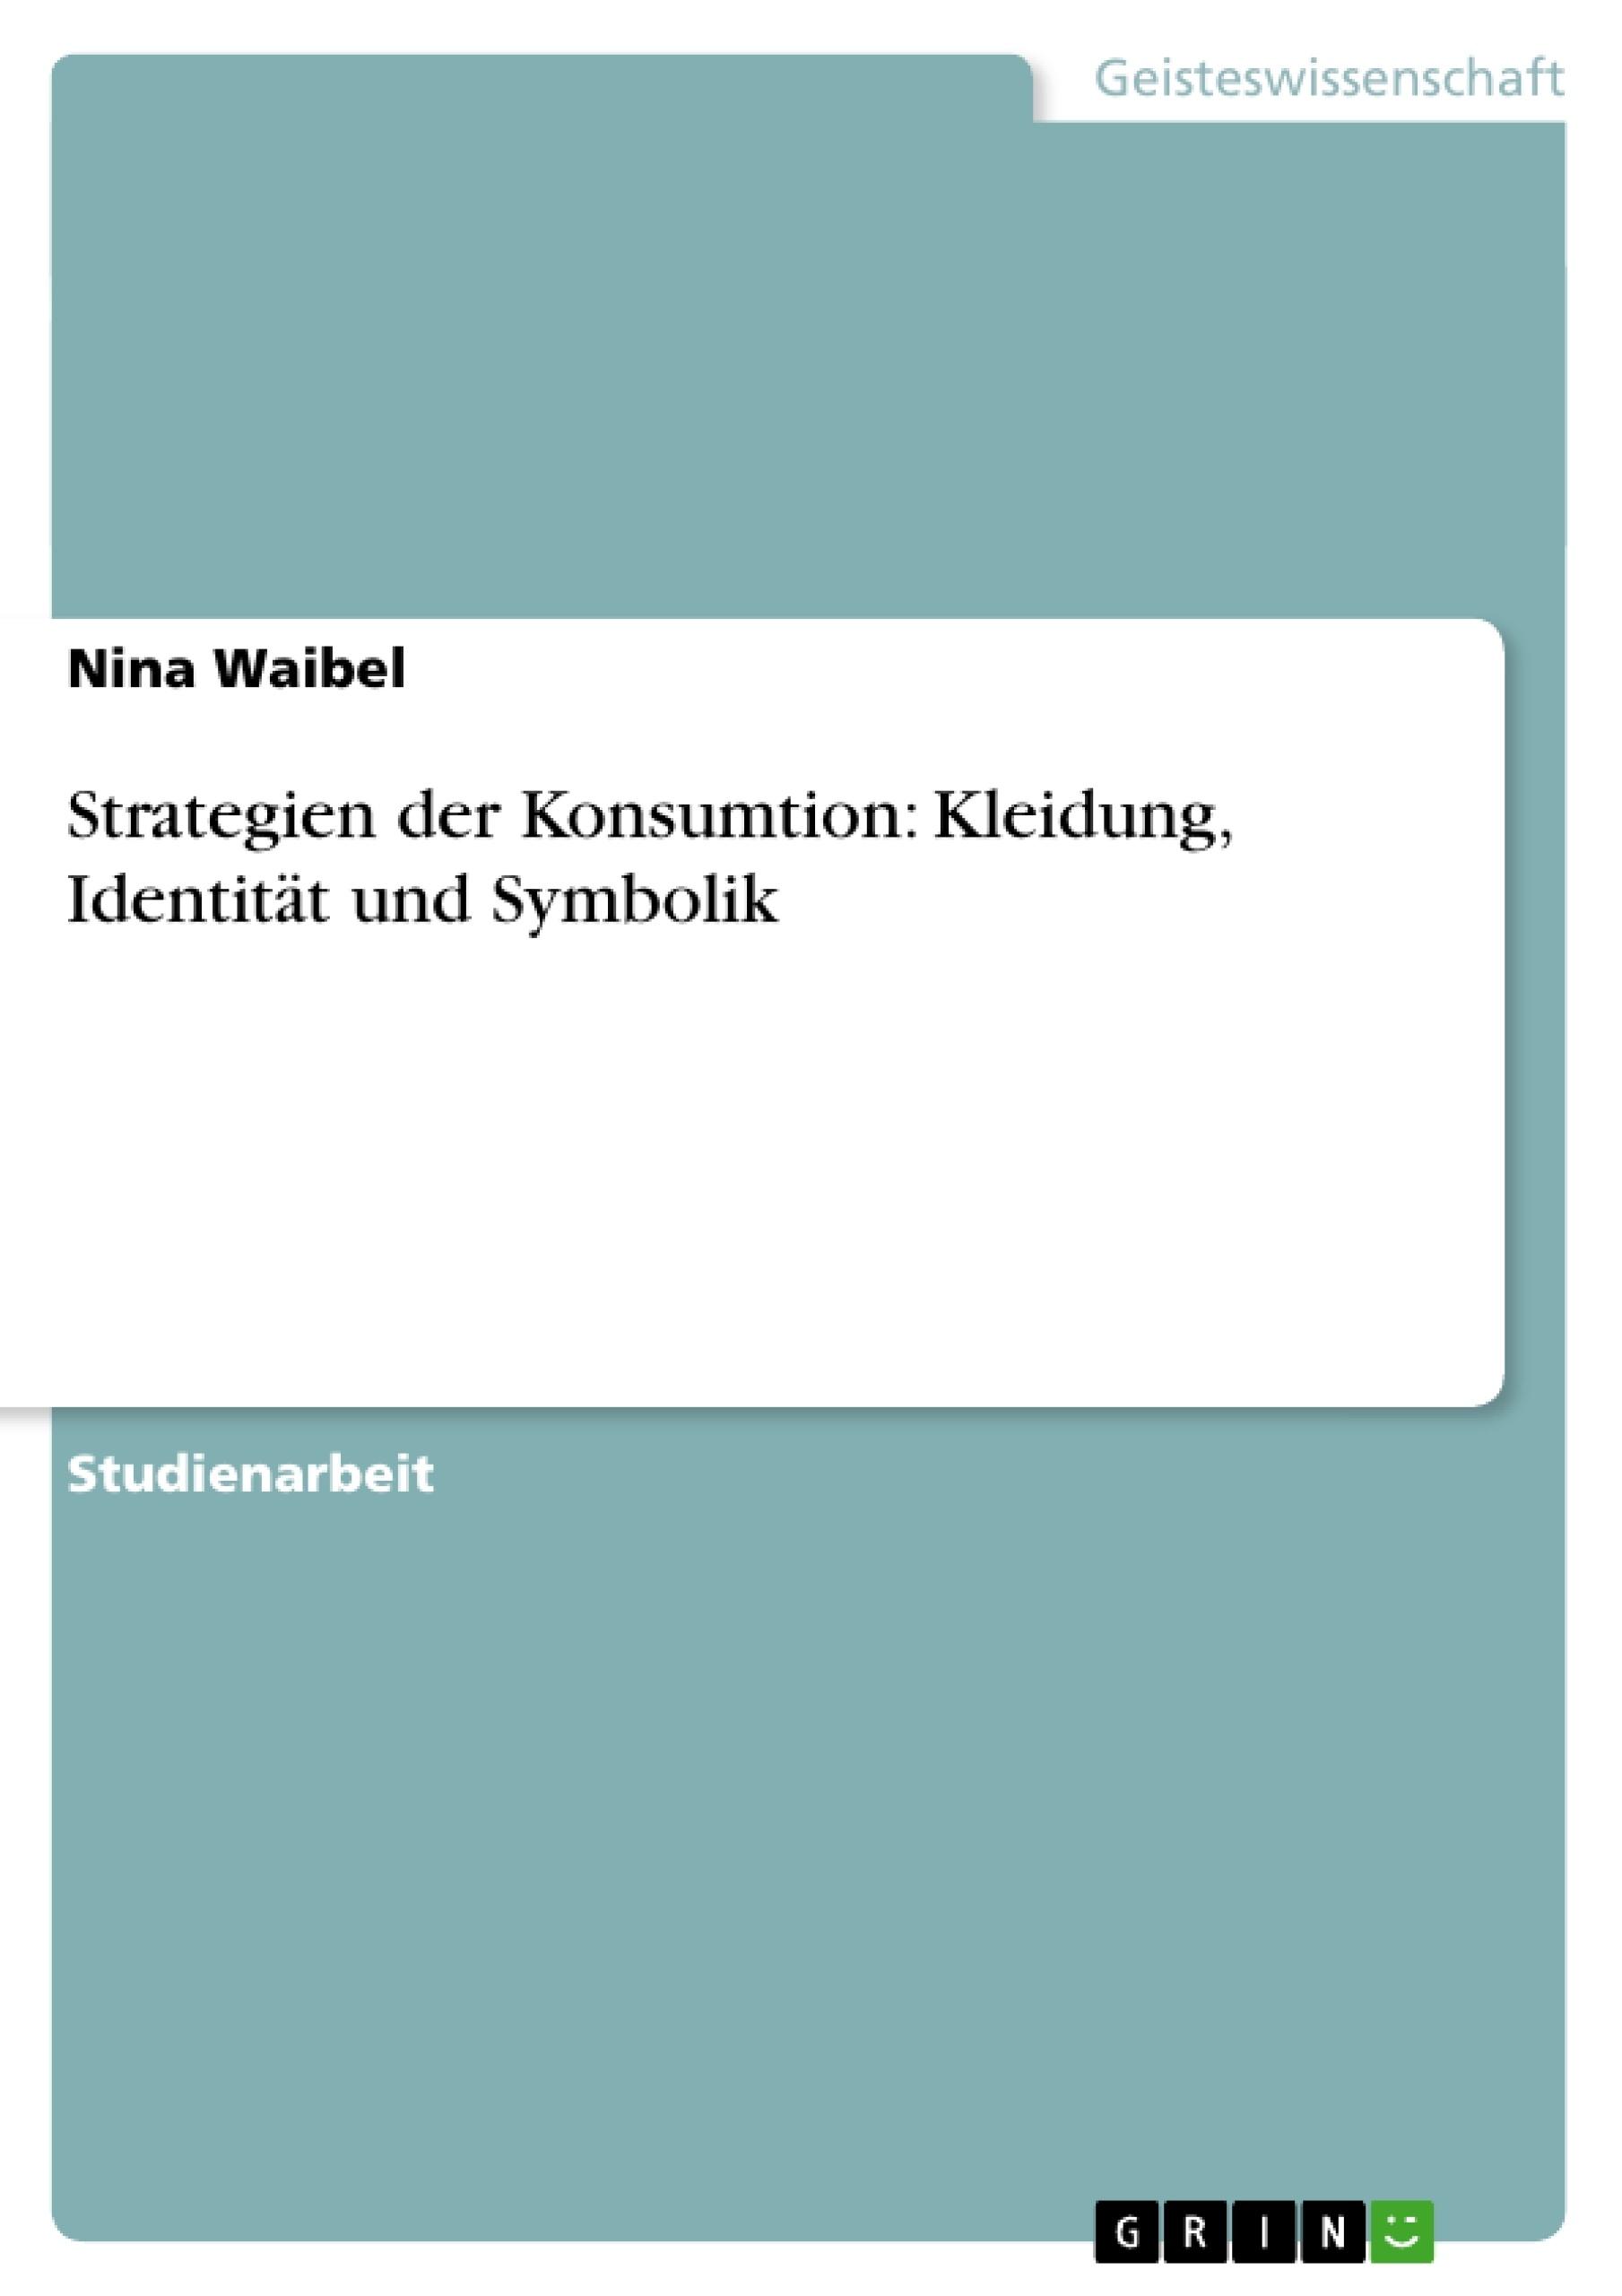 Titel: Strategien der Konsumtion: Kleidung, Identität und Symbolik